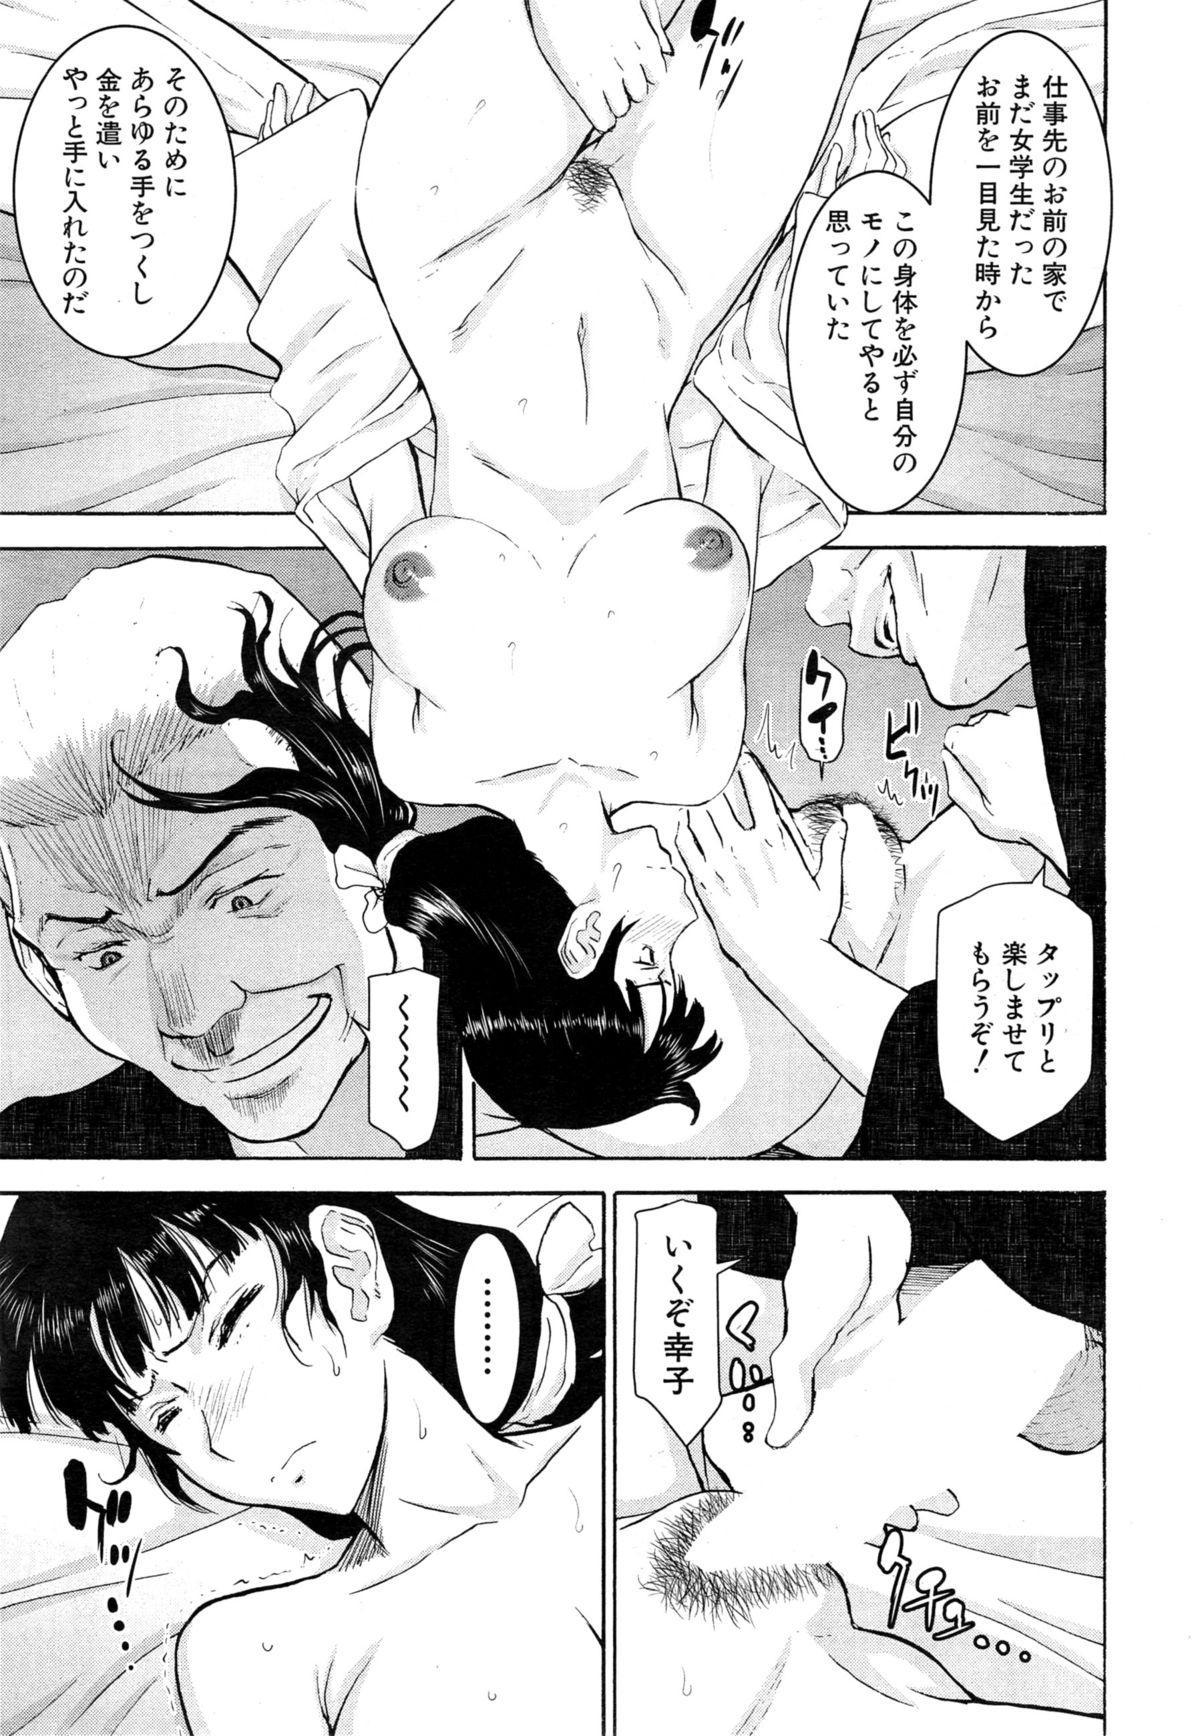 Zashikihime no Omocha Ch. 1-6 122